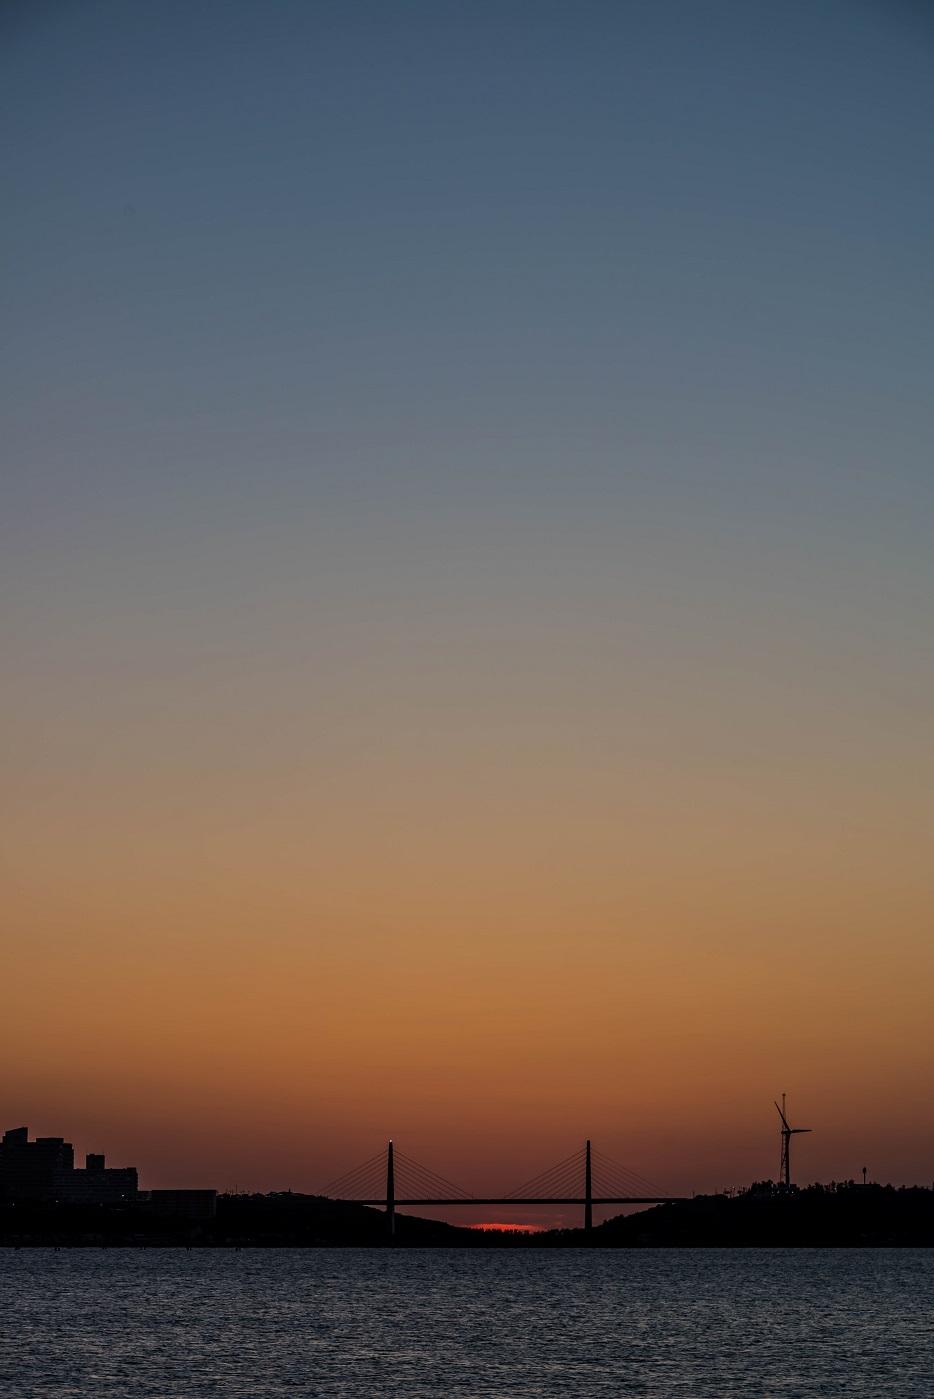 2016.06.02内灘大橋に沈む夕日6.1906